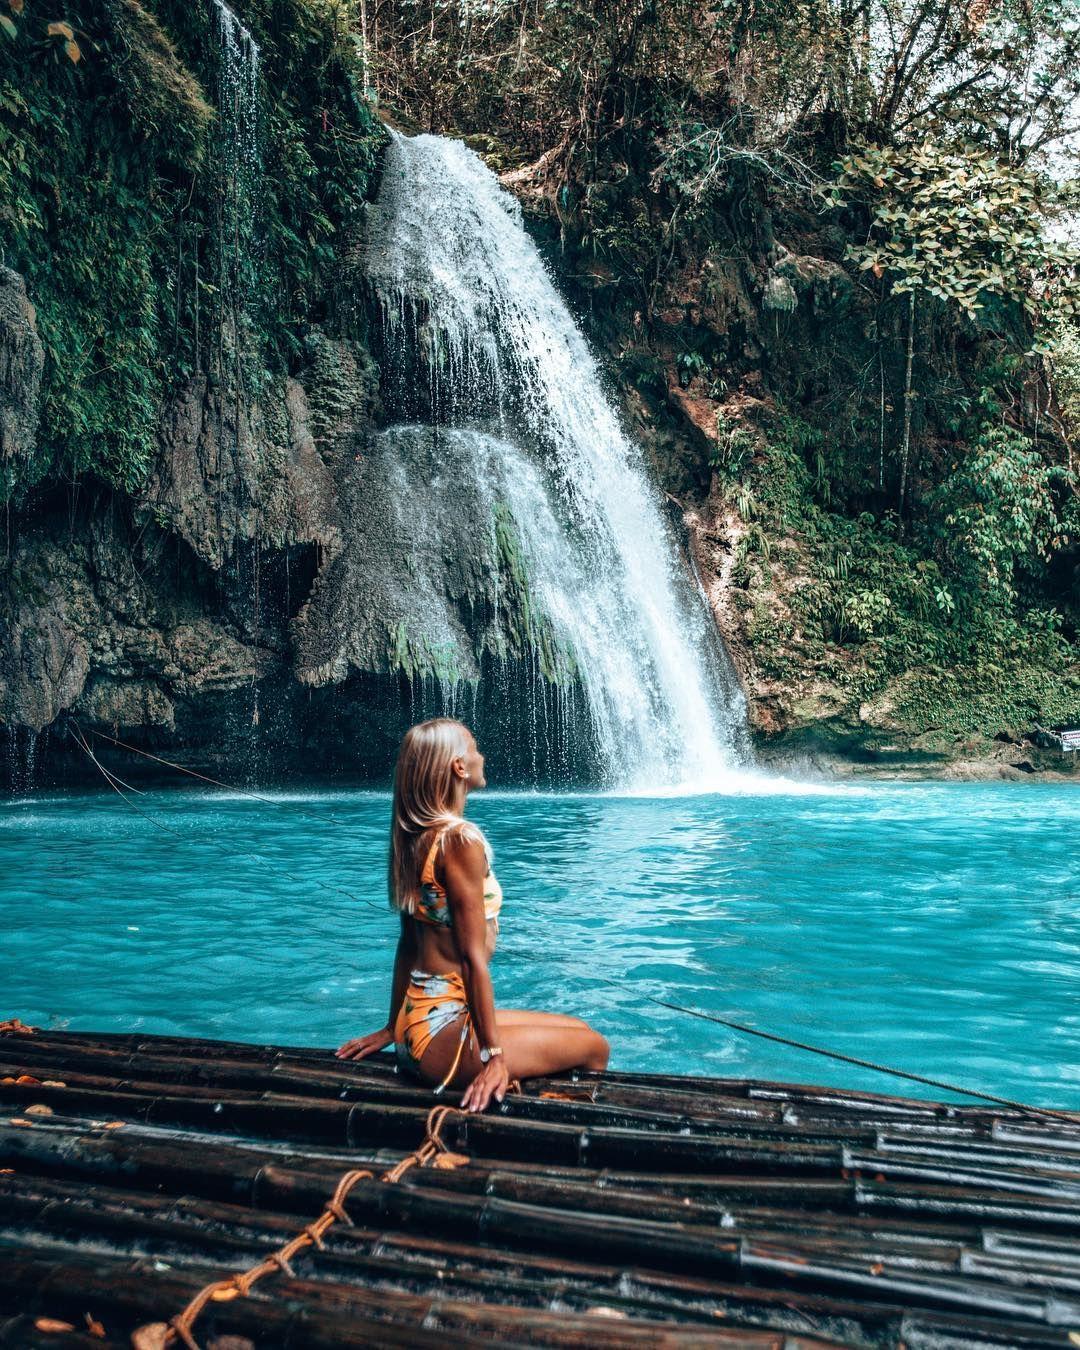 Kawasan Falls Cebu Philippines Kawasan Falls Magical Places